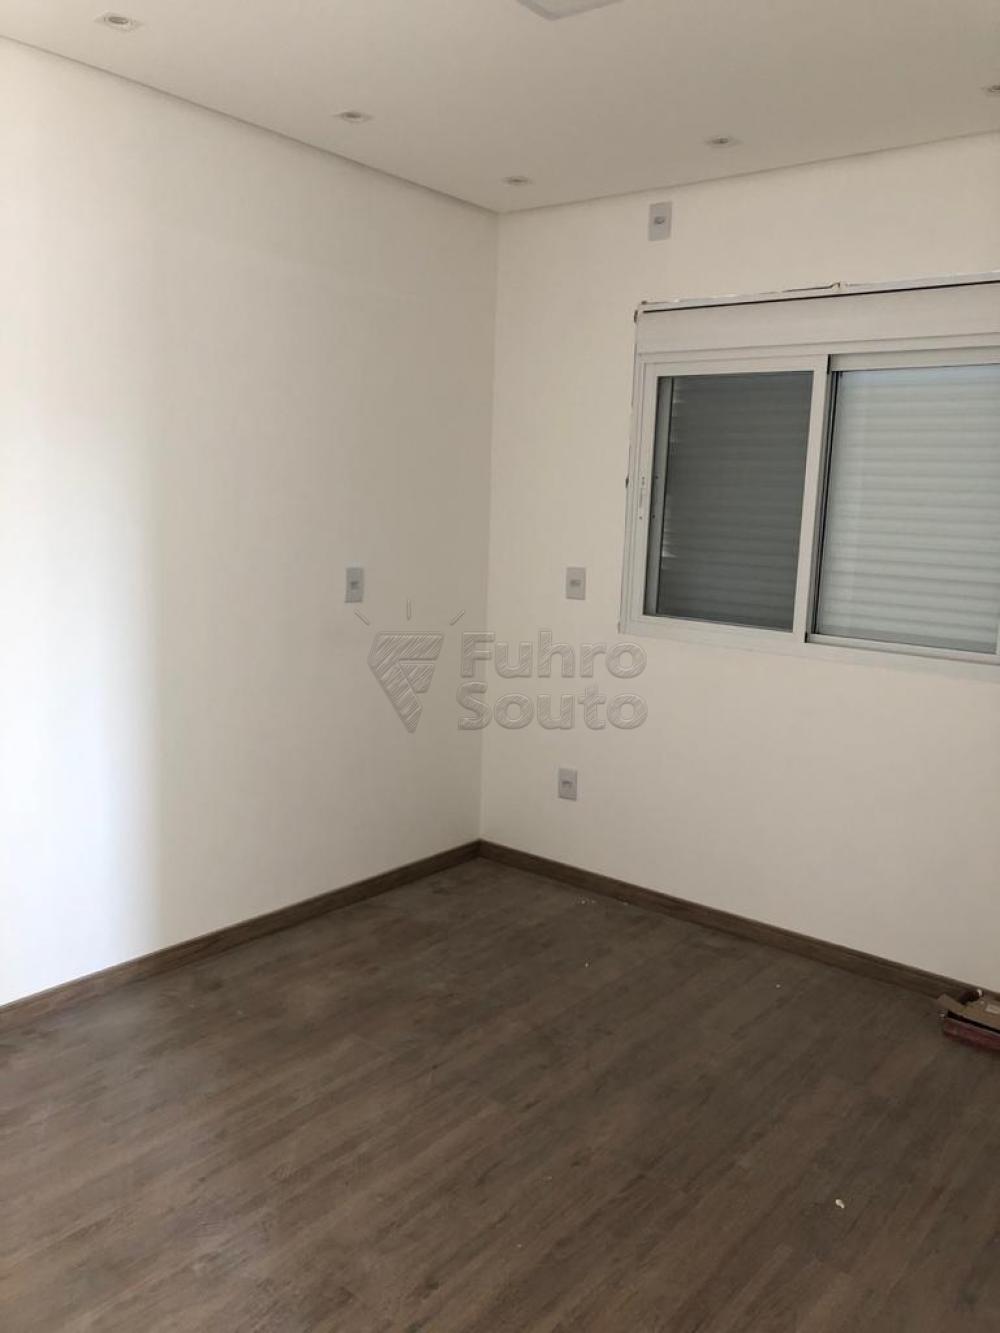 Comprar Casa / Padrão em Pelotas R$ 370.000,00 - Foto 8